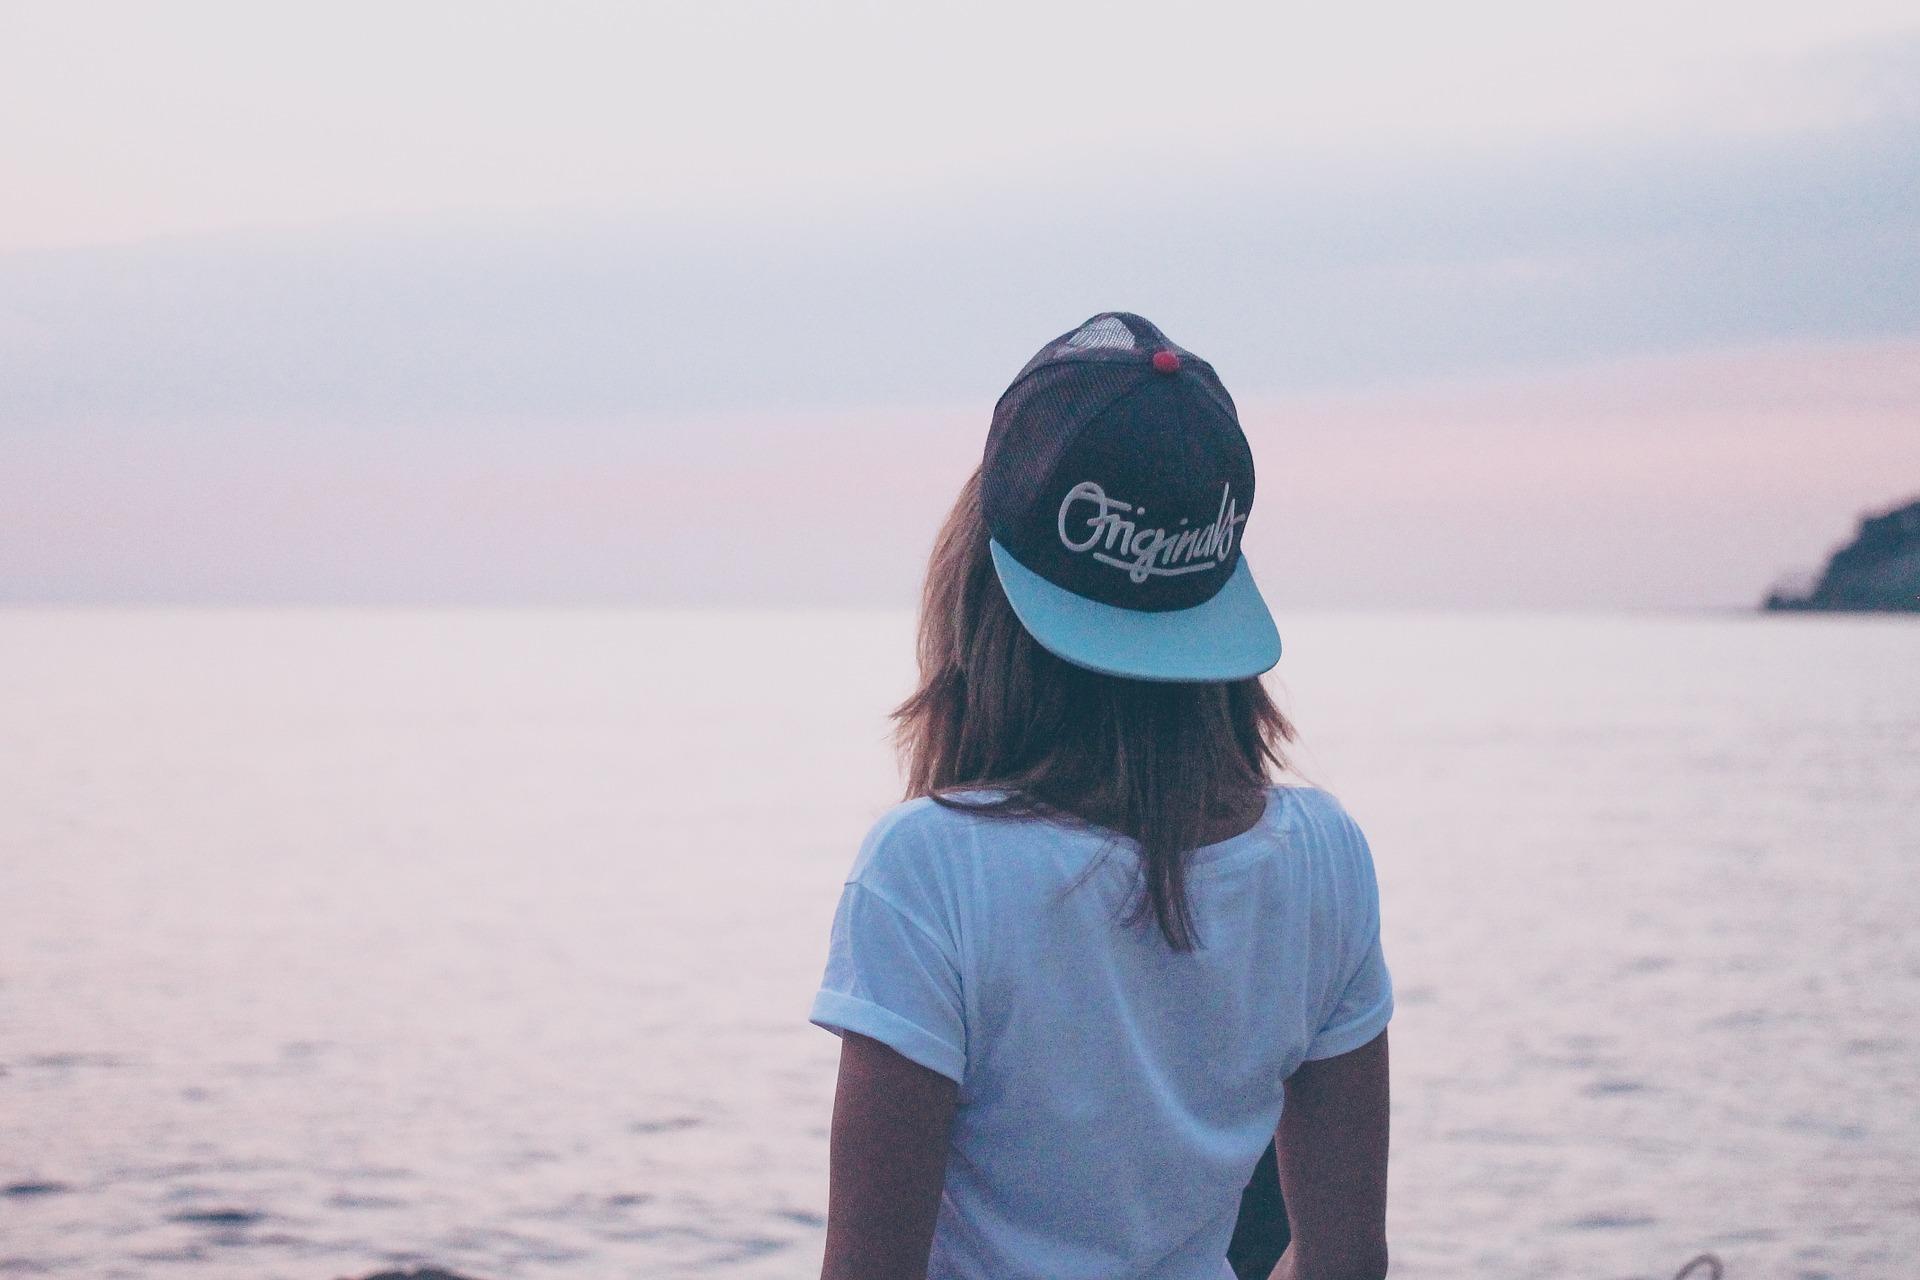 女性, 海, キャップ, 水, 空, 戻る - HD の壁紙 - 教授-falken.com